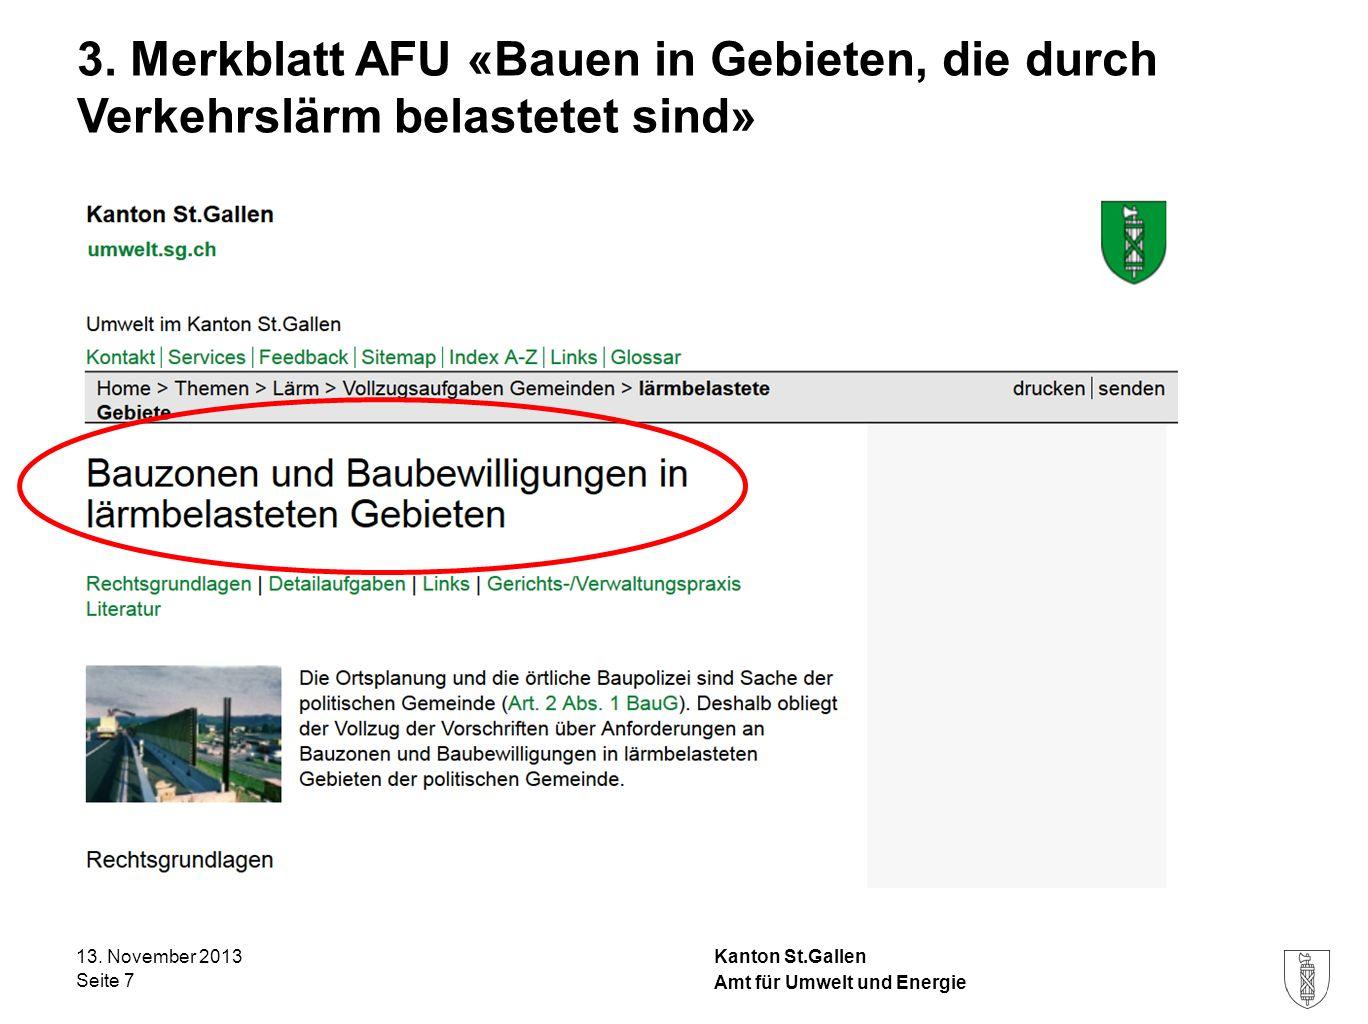 3. Merkblatt AFU «Bauen in Gebieten, die durch Verkehrslärm belastetet sind»